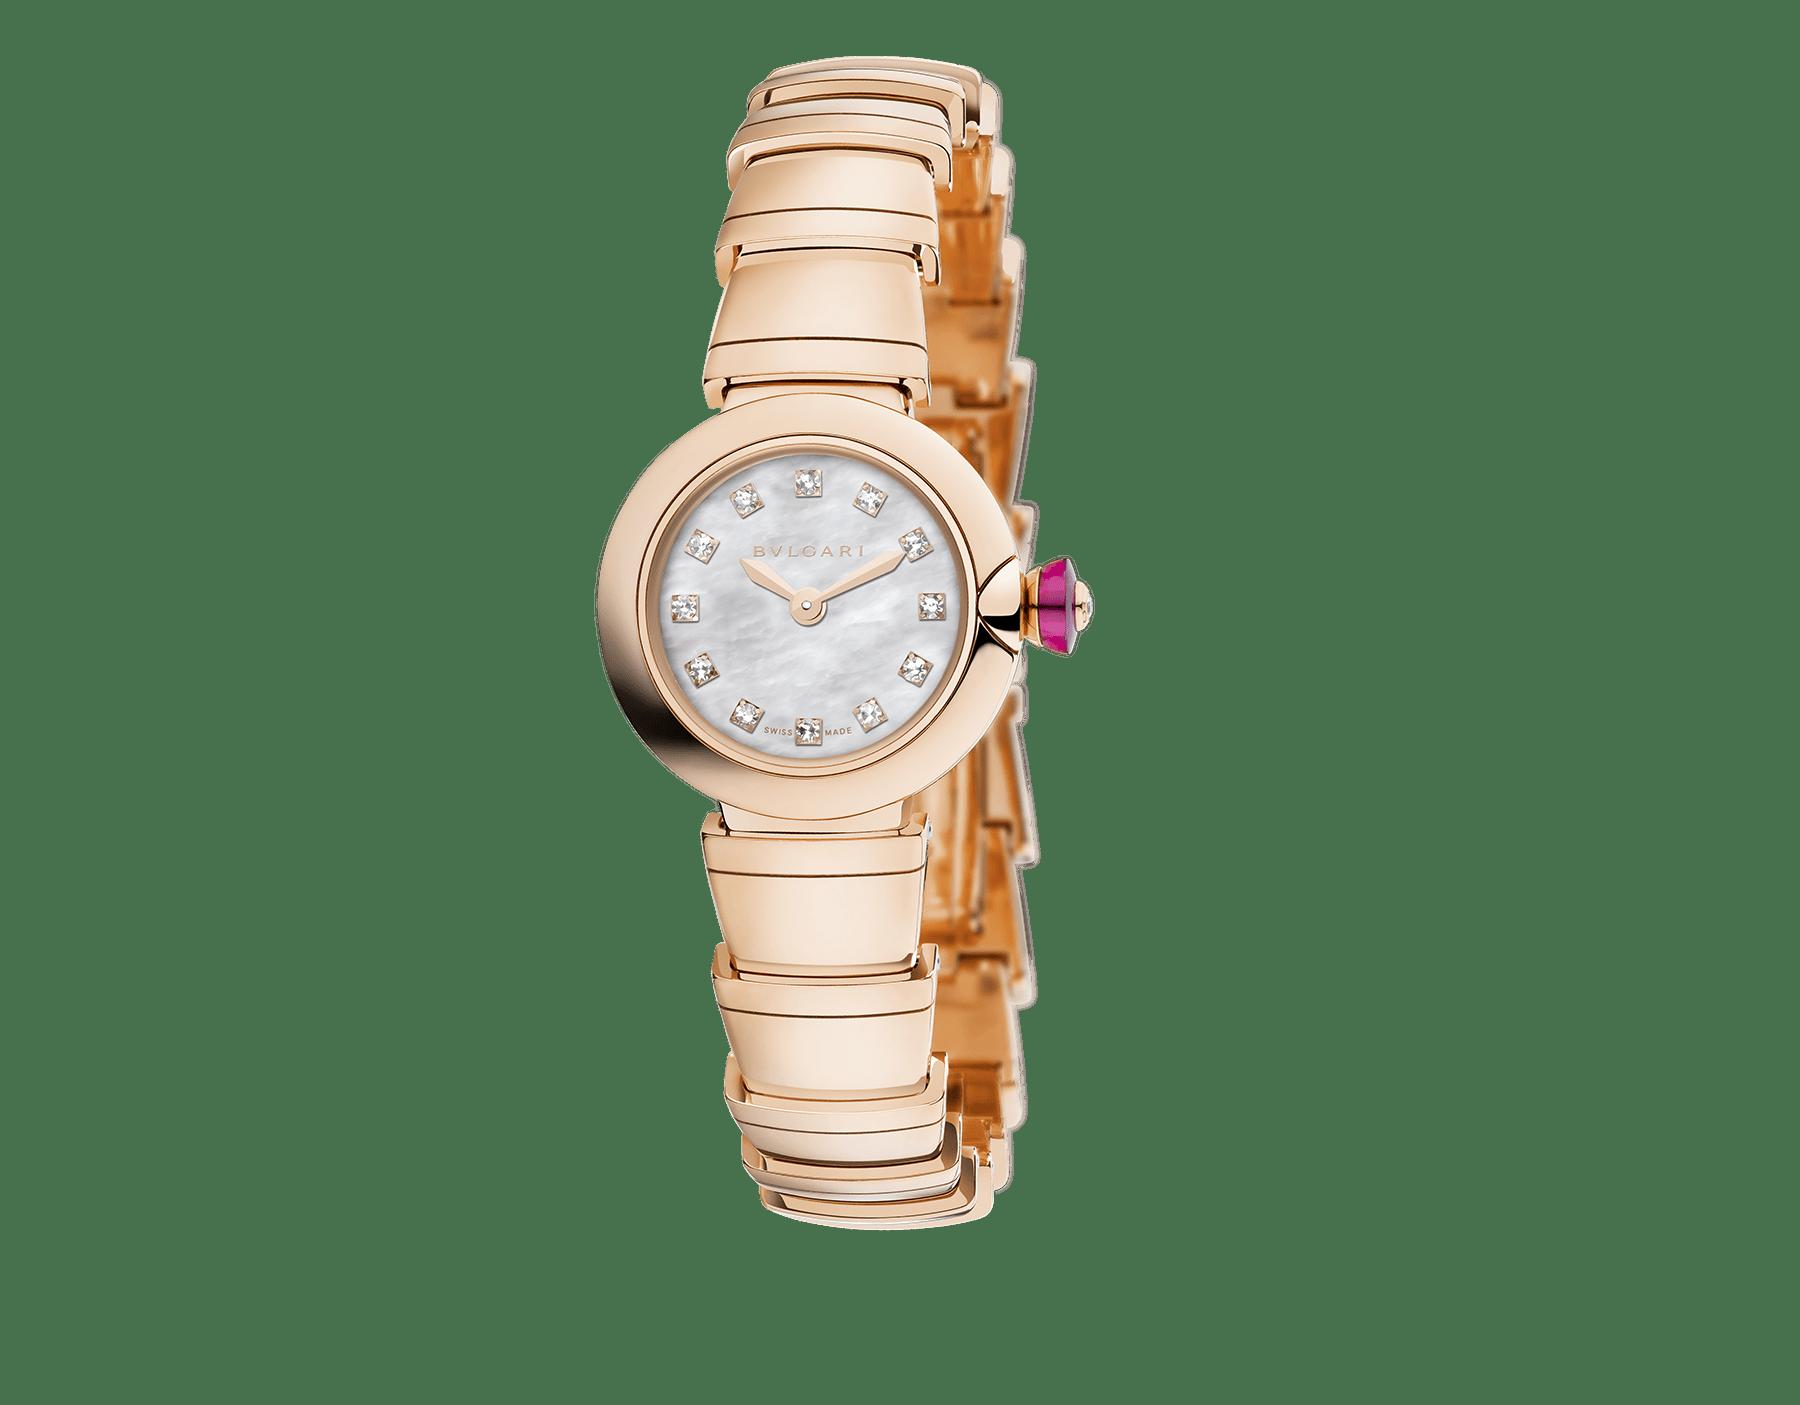 Orologio Piccola LVCEA con cassa e bracciale in oro rosa 18 kt, quadrante bianco in madreperla e indici con diamanti. 102502 image 1